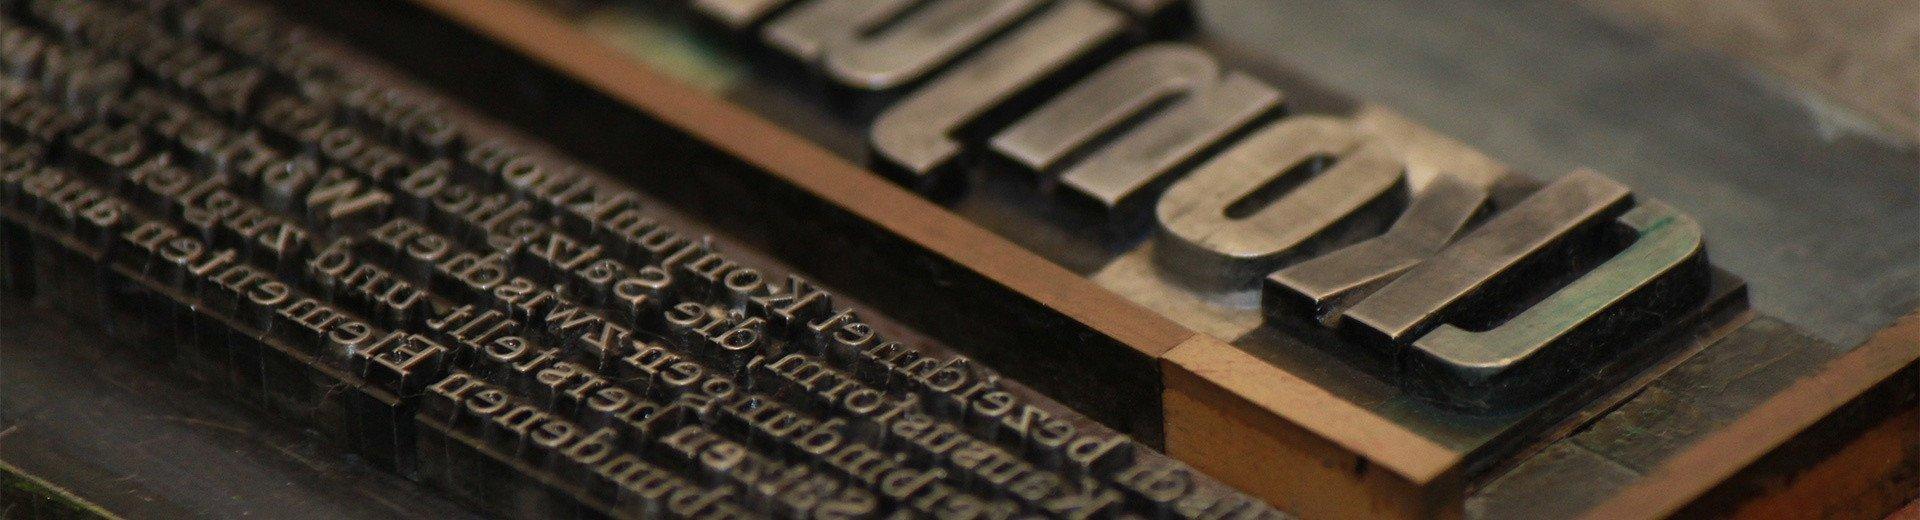 Okładka artykułu Materiały wprowadzające książki — Jak zaprojektować dedykację, motto, przedmowę lub podziękowania?